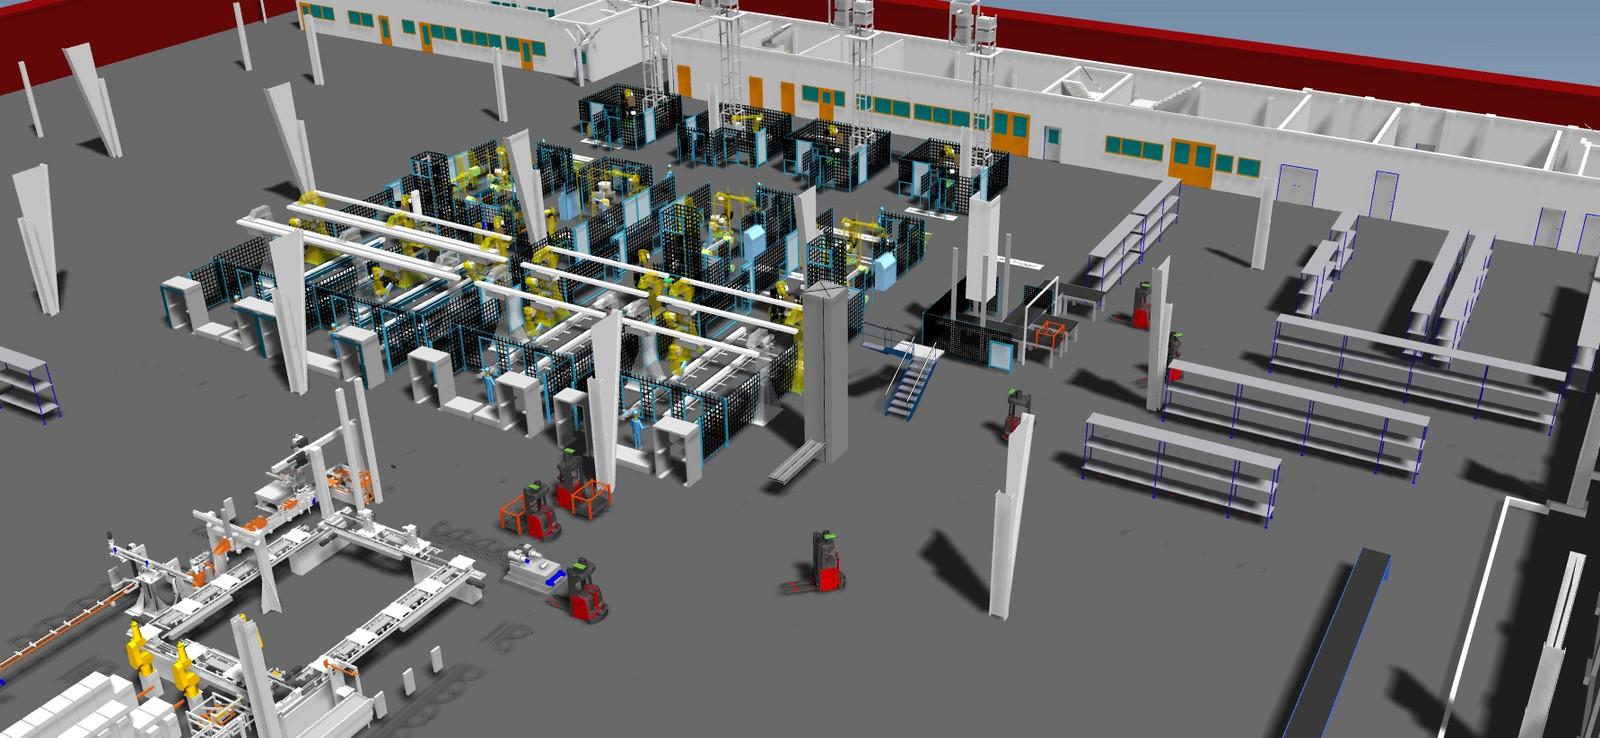 3D-Modelle unterstützen Engpässe zu prognostizieren, Ressourcen zu planen, Reihenfolgen und Losgrößen zu optimieren.